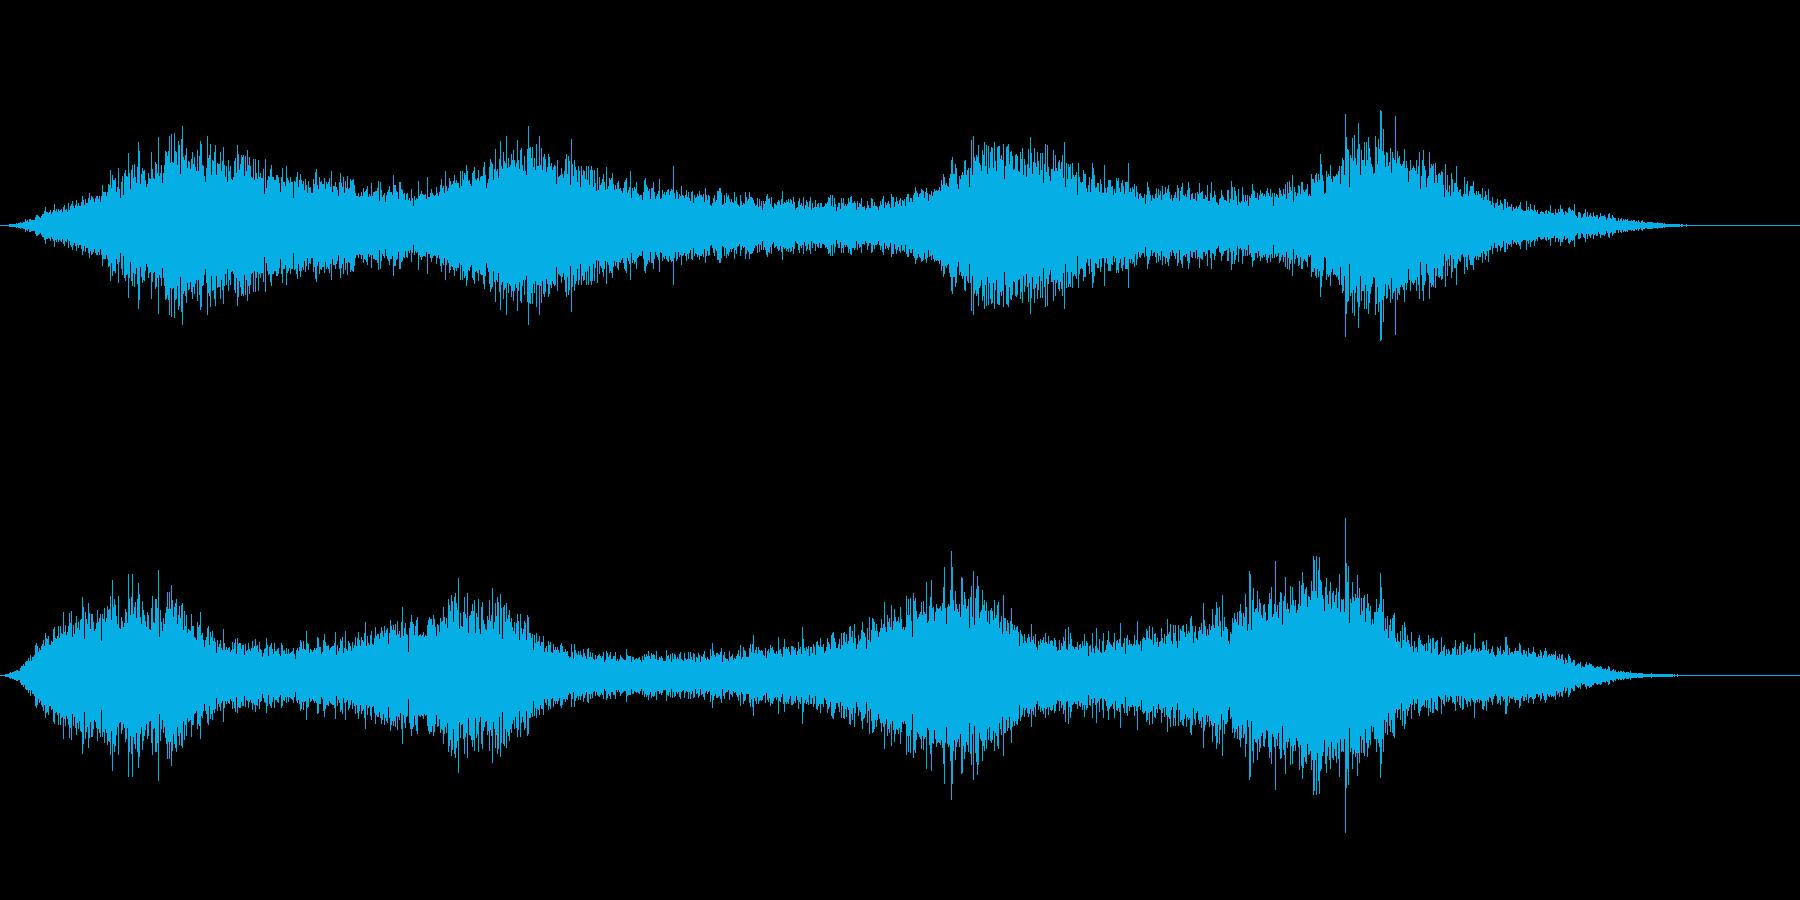 【生録音】 早朝の街 交通 環境音 7の再生済みの波形